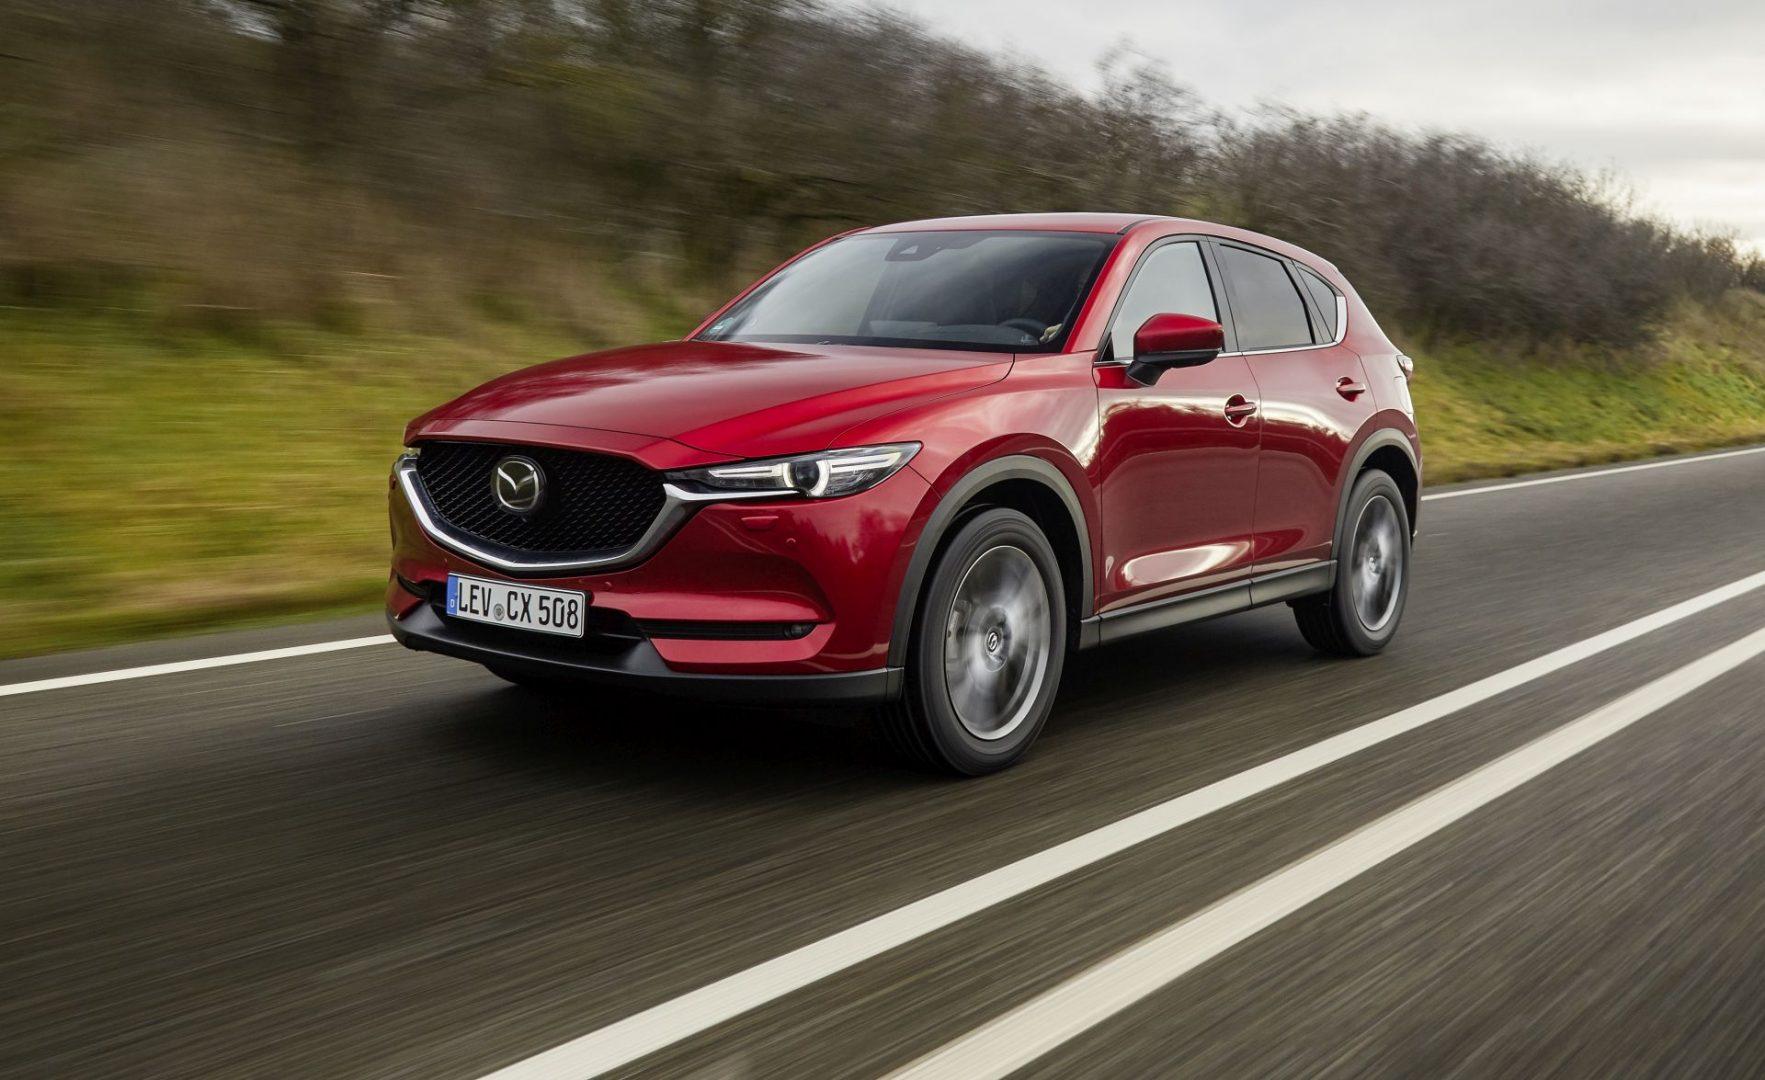 Mazda je zaključila fiskalnu godinu s pozitivnom operativnom dobiti